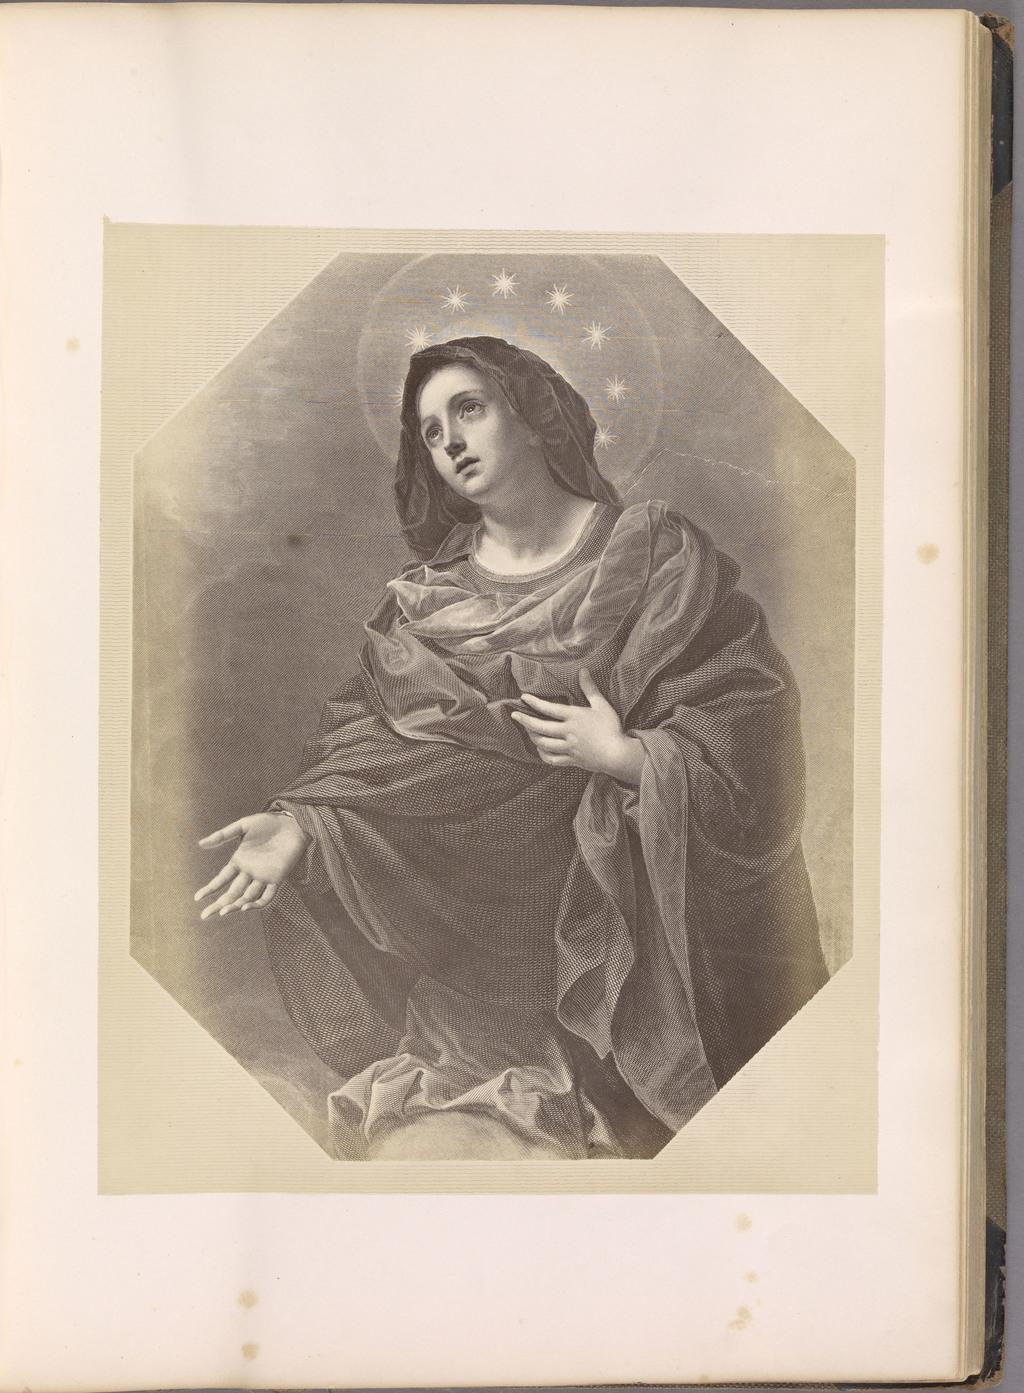 La Madonna Colle Stelle. Photographie d'une gravure de Carlo Dolci, du livre illustré Photographic Selections